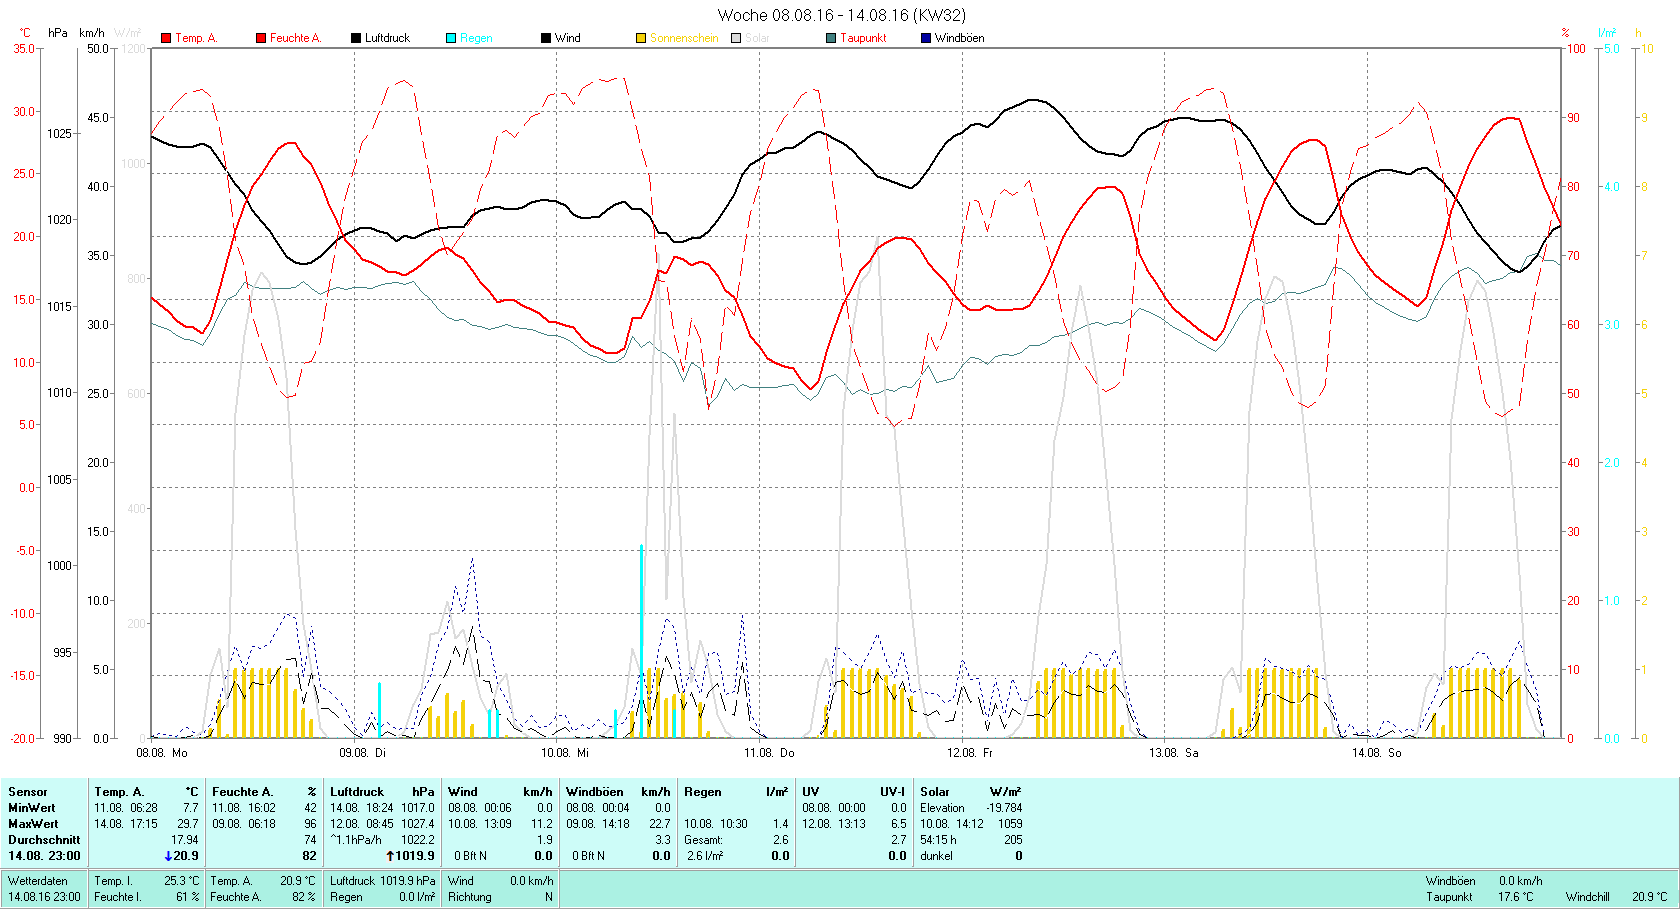 KW 32 Tmin 7.7°C, Tmax 29.7°C, Sonne 54:15h, Niederschlag 2.6mm/2